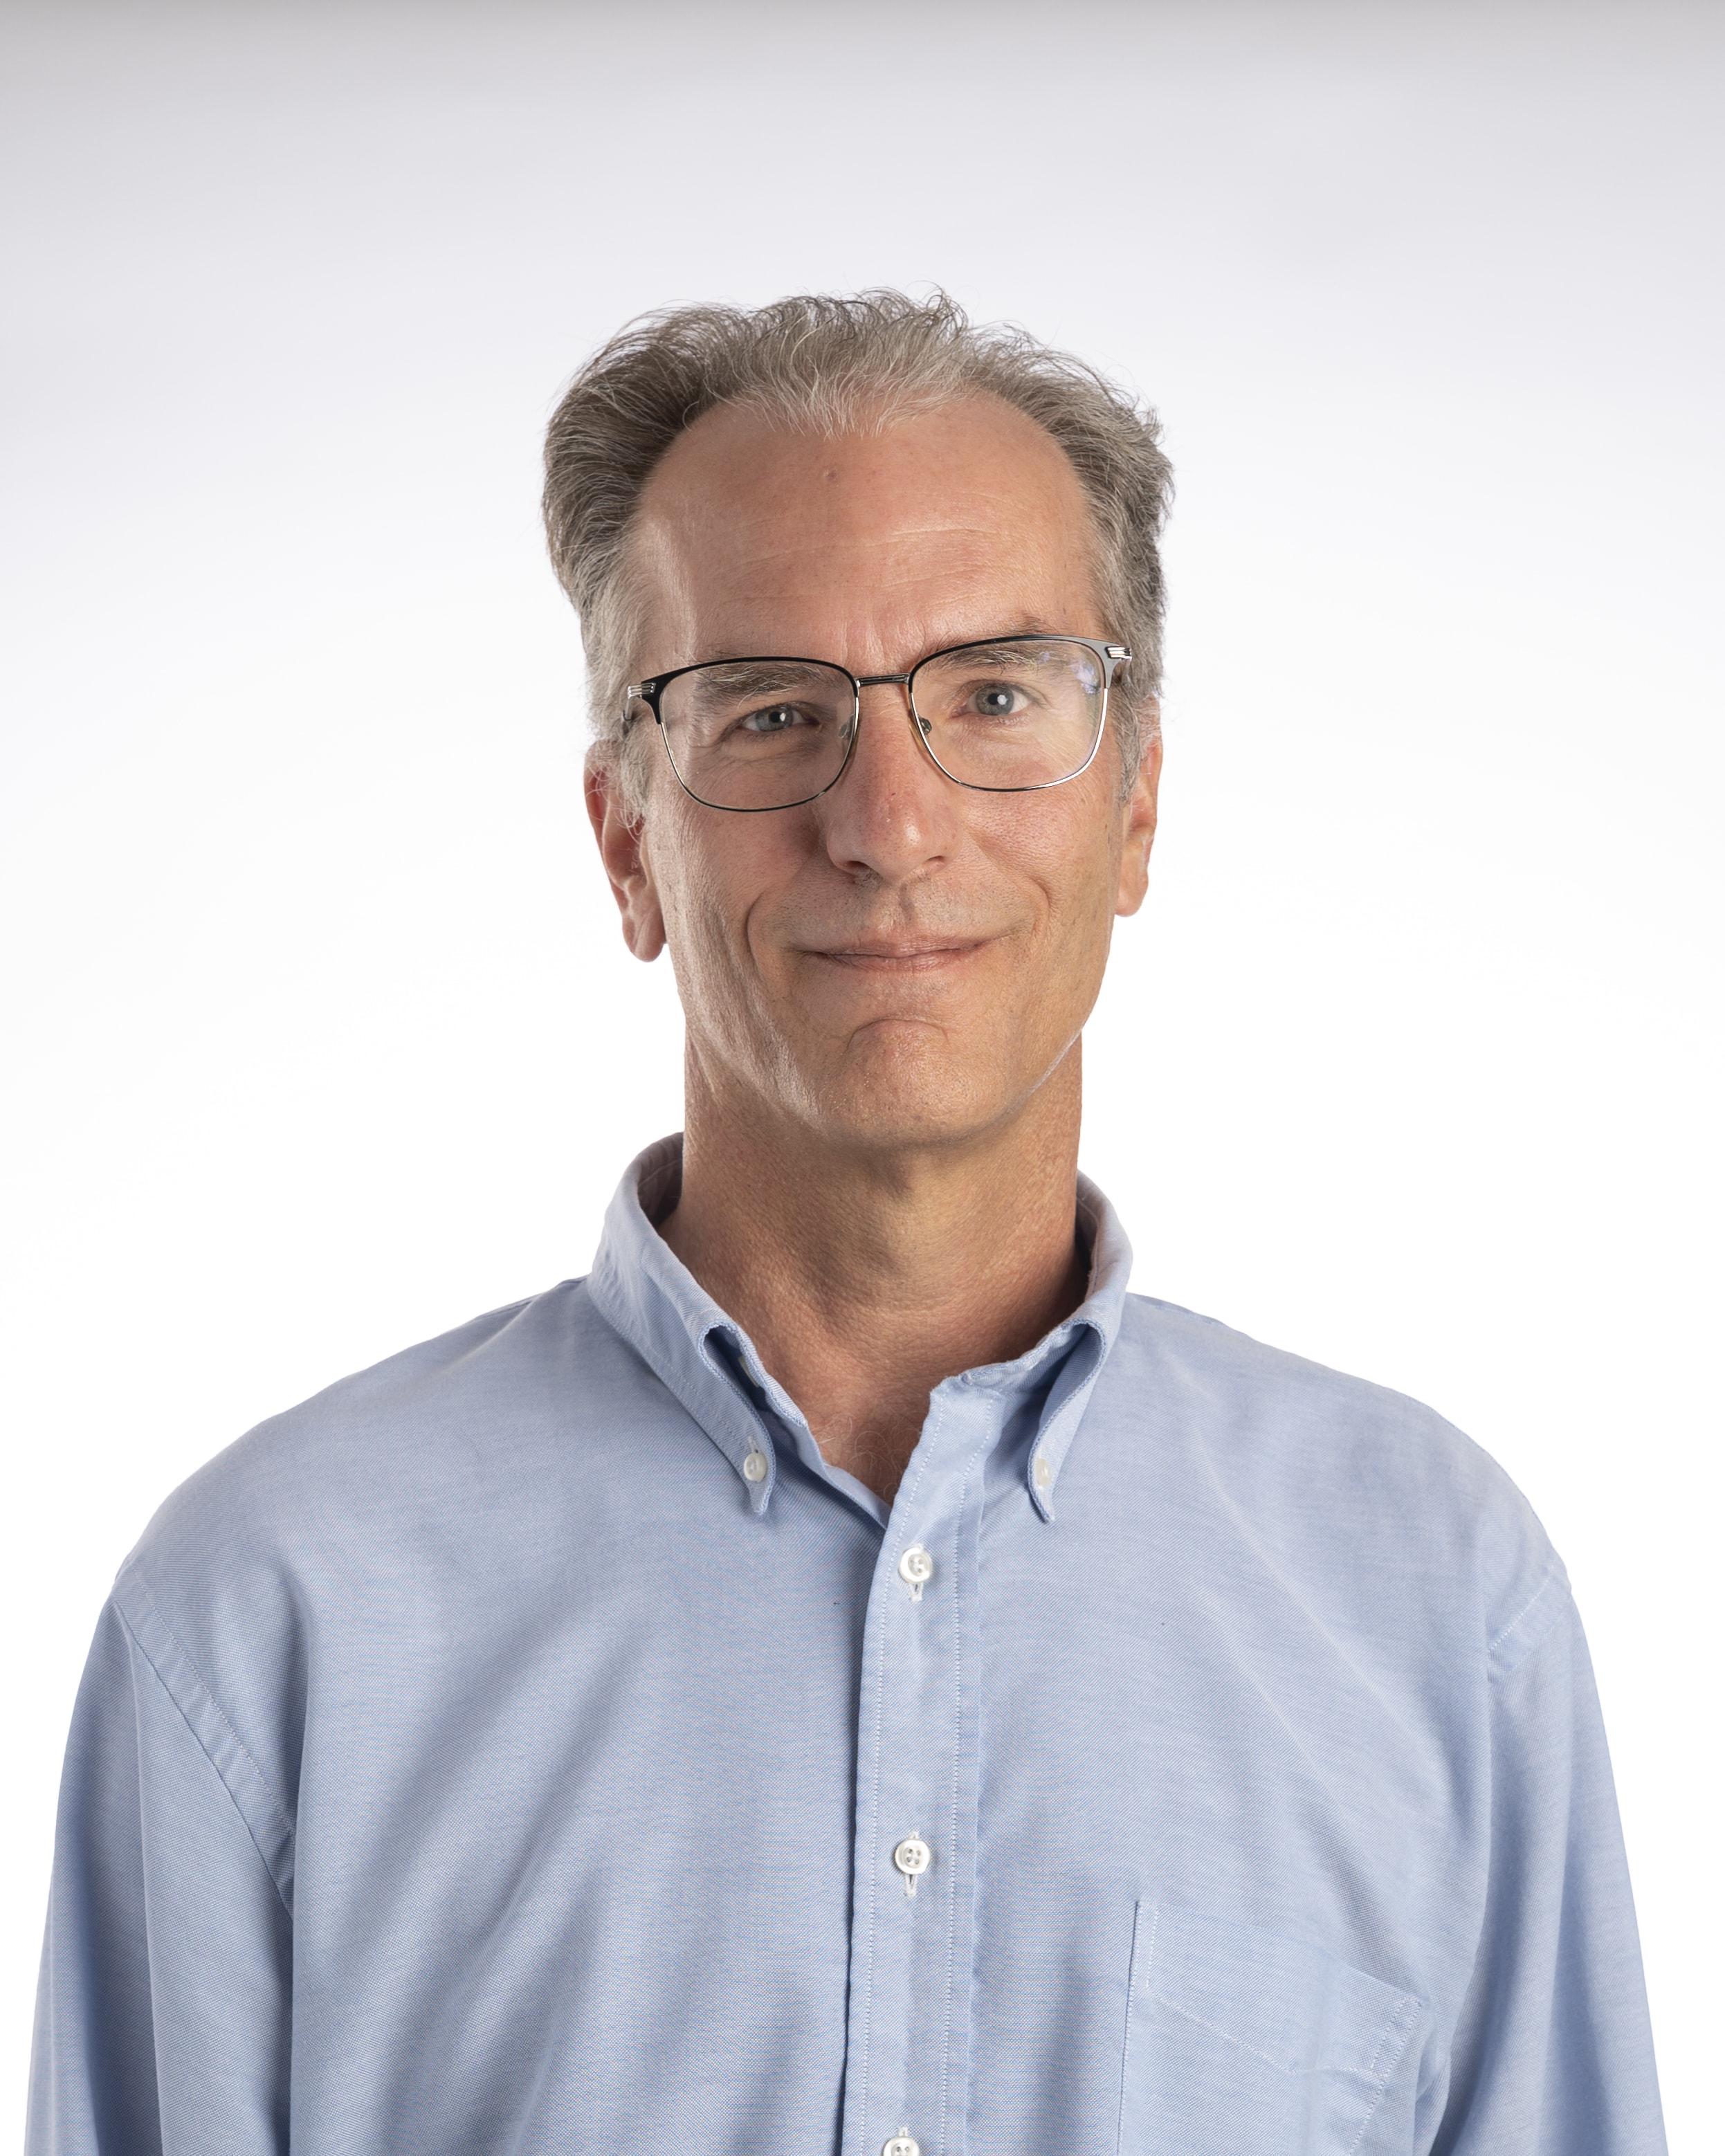 John Marecki